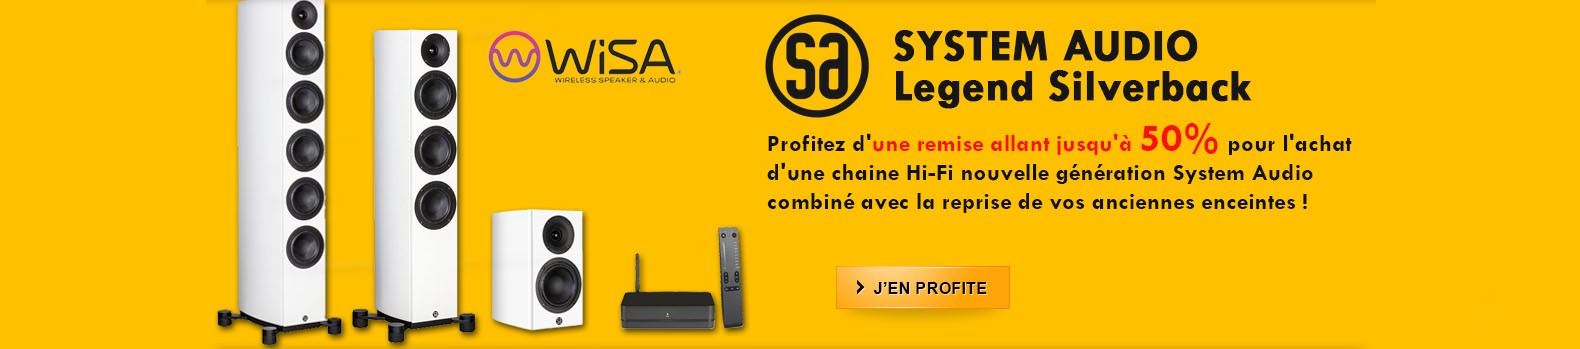 Profitez d'une remise allant jusqu'à 50% pour l'achat  d'une chaine Hi-Fi nouvelle génération System Audio combiné avec la reprise de vos anciennes enceintes !